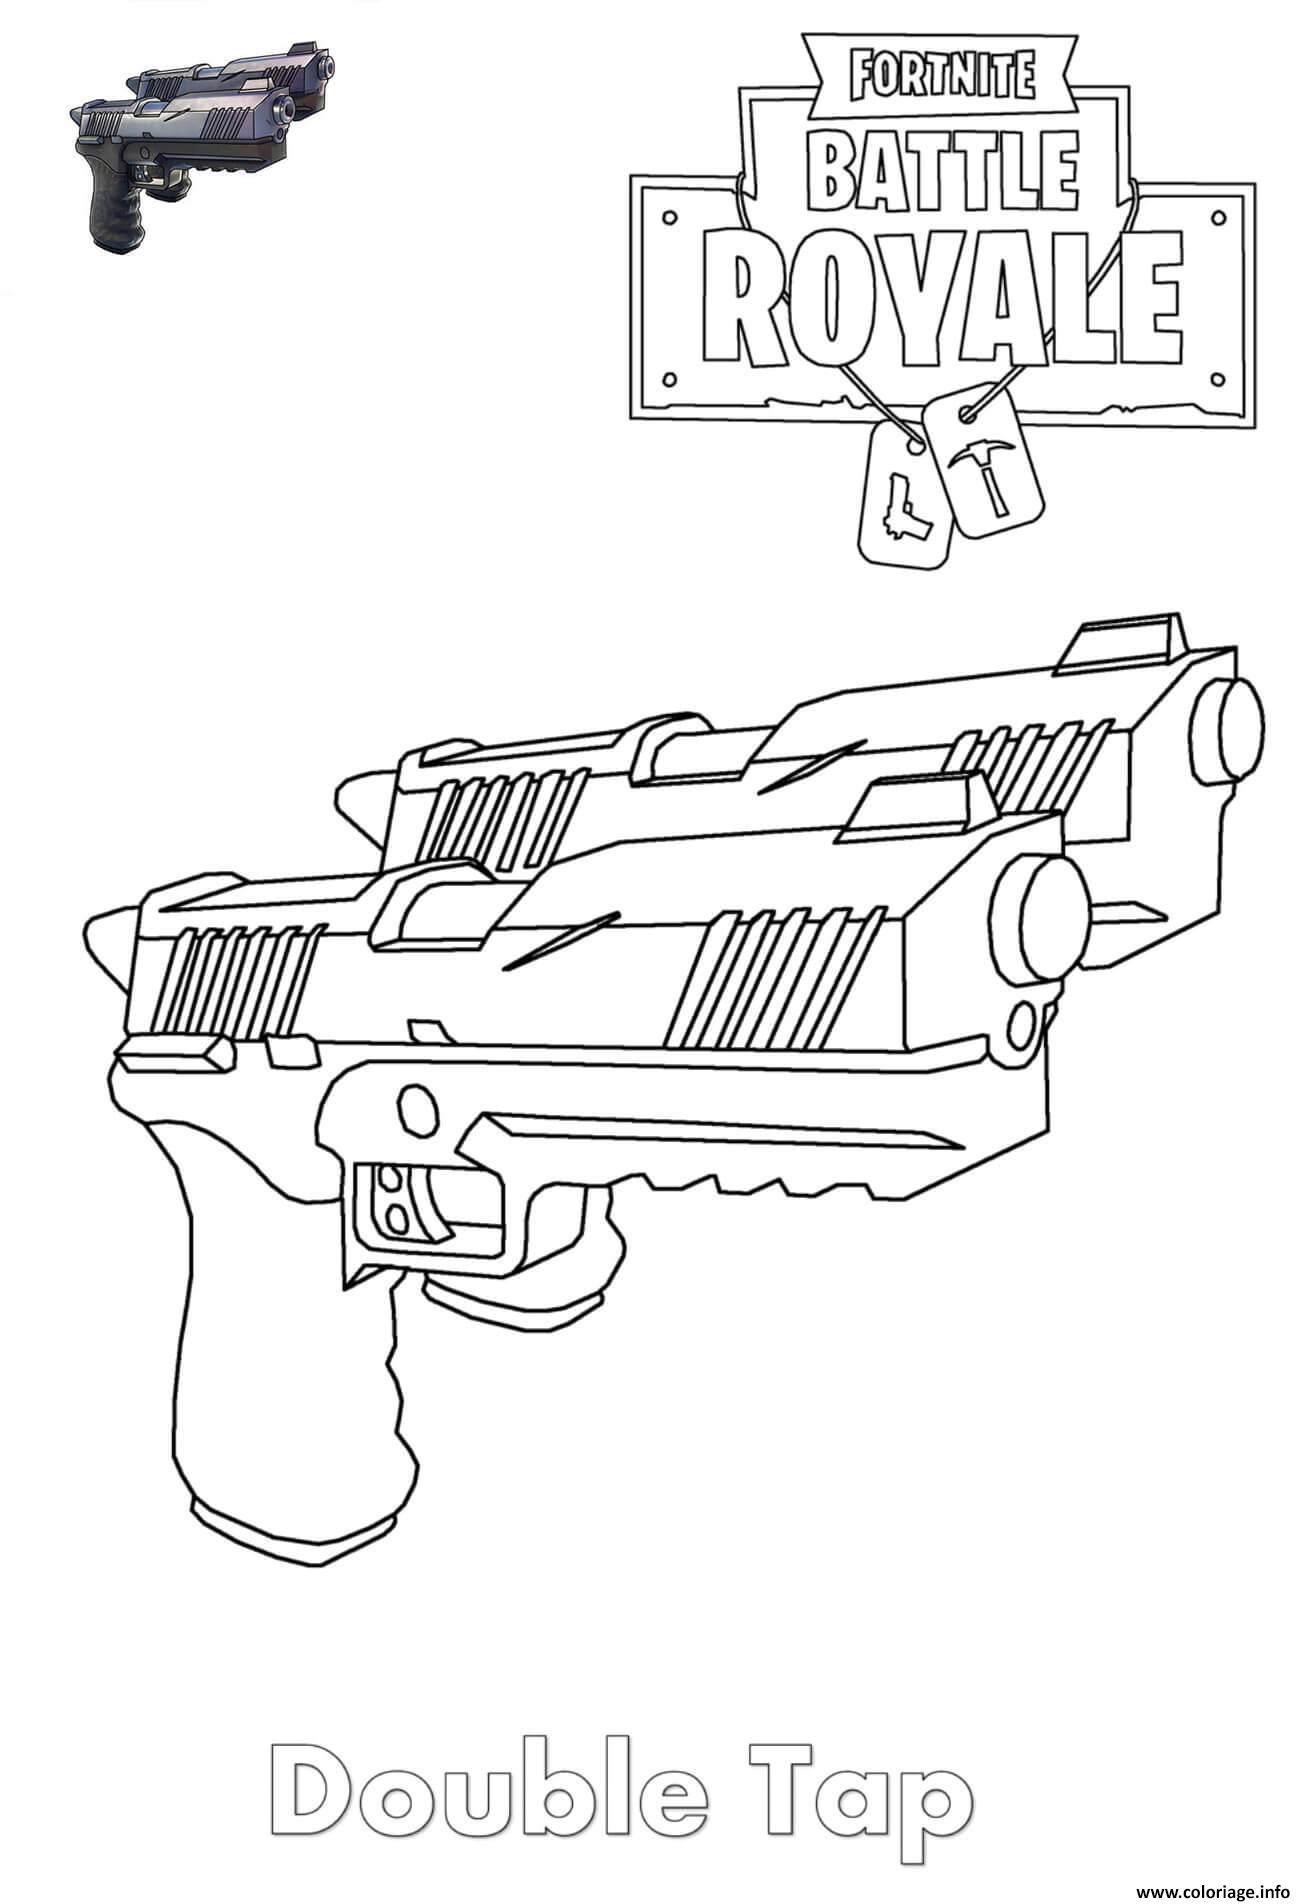 Coloriages Et Dessins Fortnite : Armes Du Jeu - Breakflip avec Comment Dessiner Un Fusil